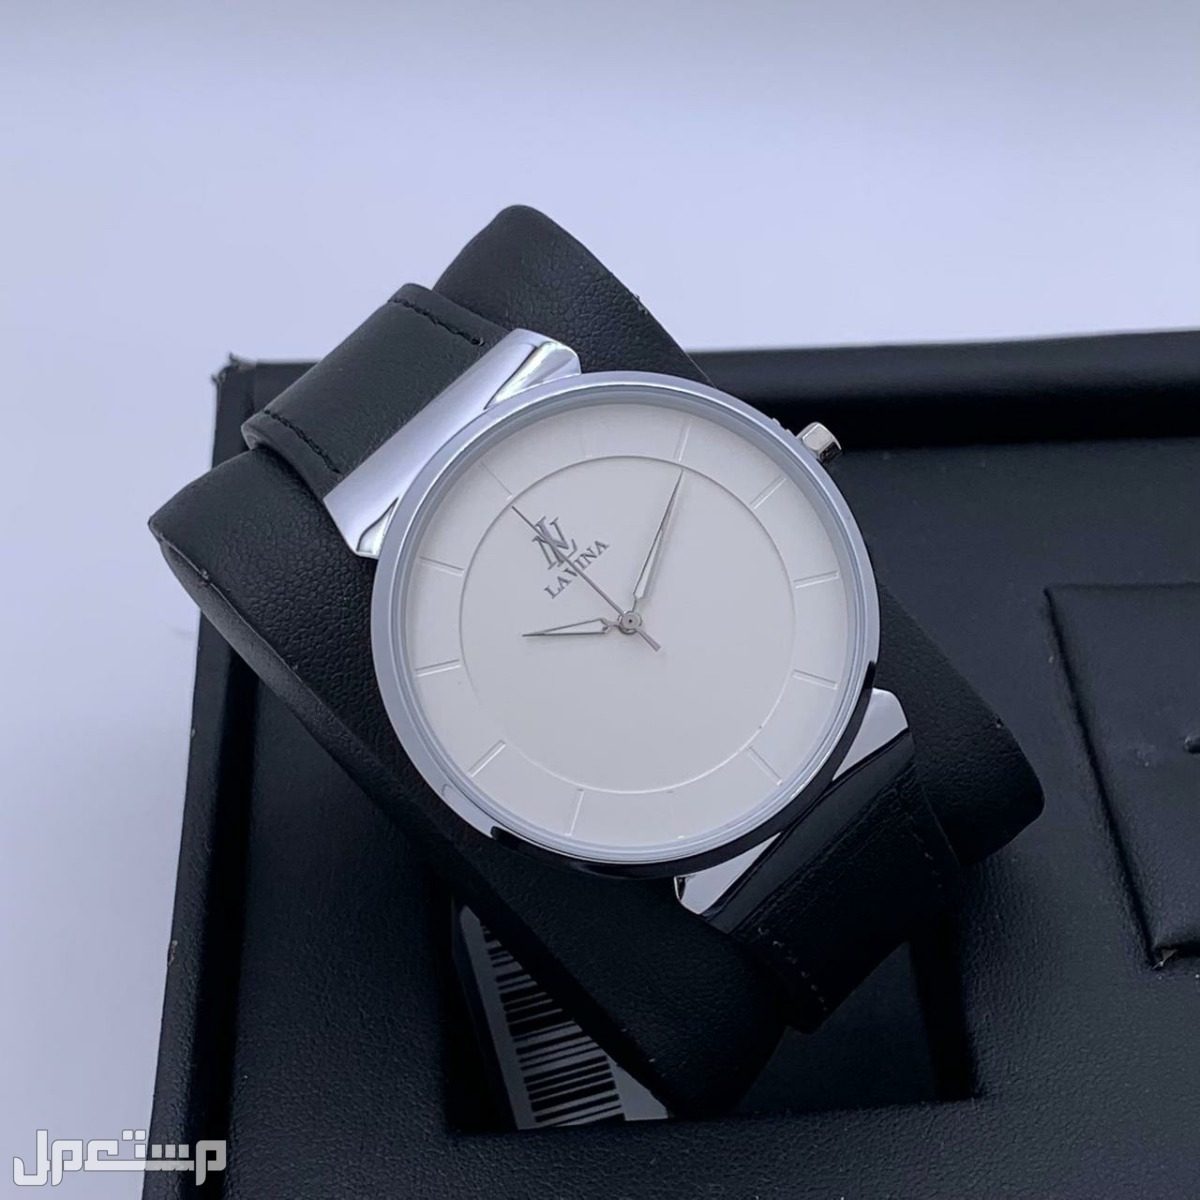 ساعة رجالي جلد فاخر فاخرة ماركة لافينا ، ضمان سنة